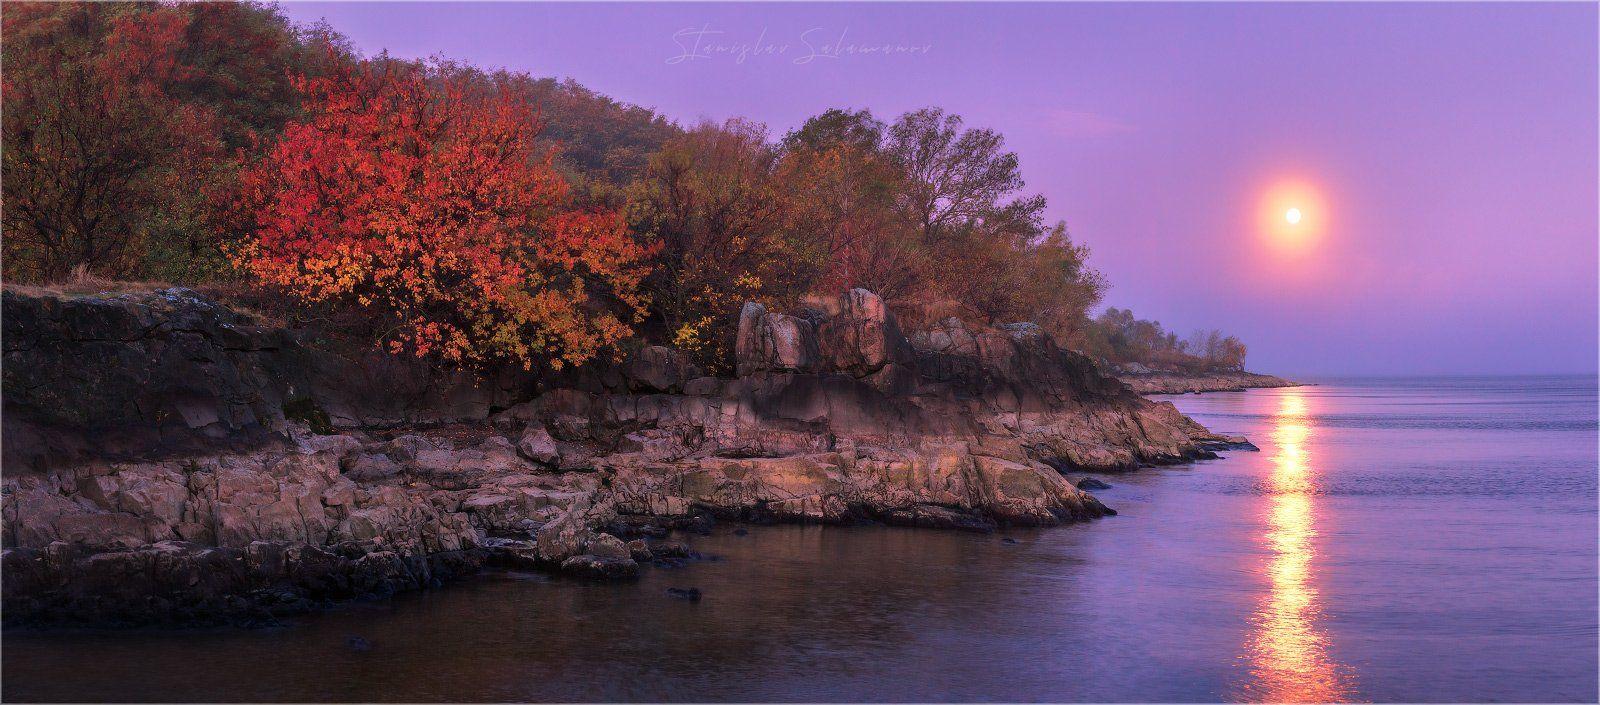 утро, рассвет, луна, осень, отражение, пейзаж, тишина, днепр, скалы, панорама, Станислав Саламанов